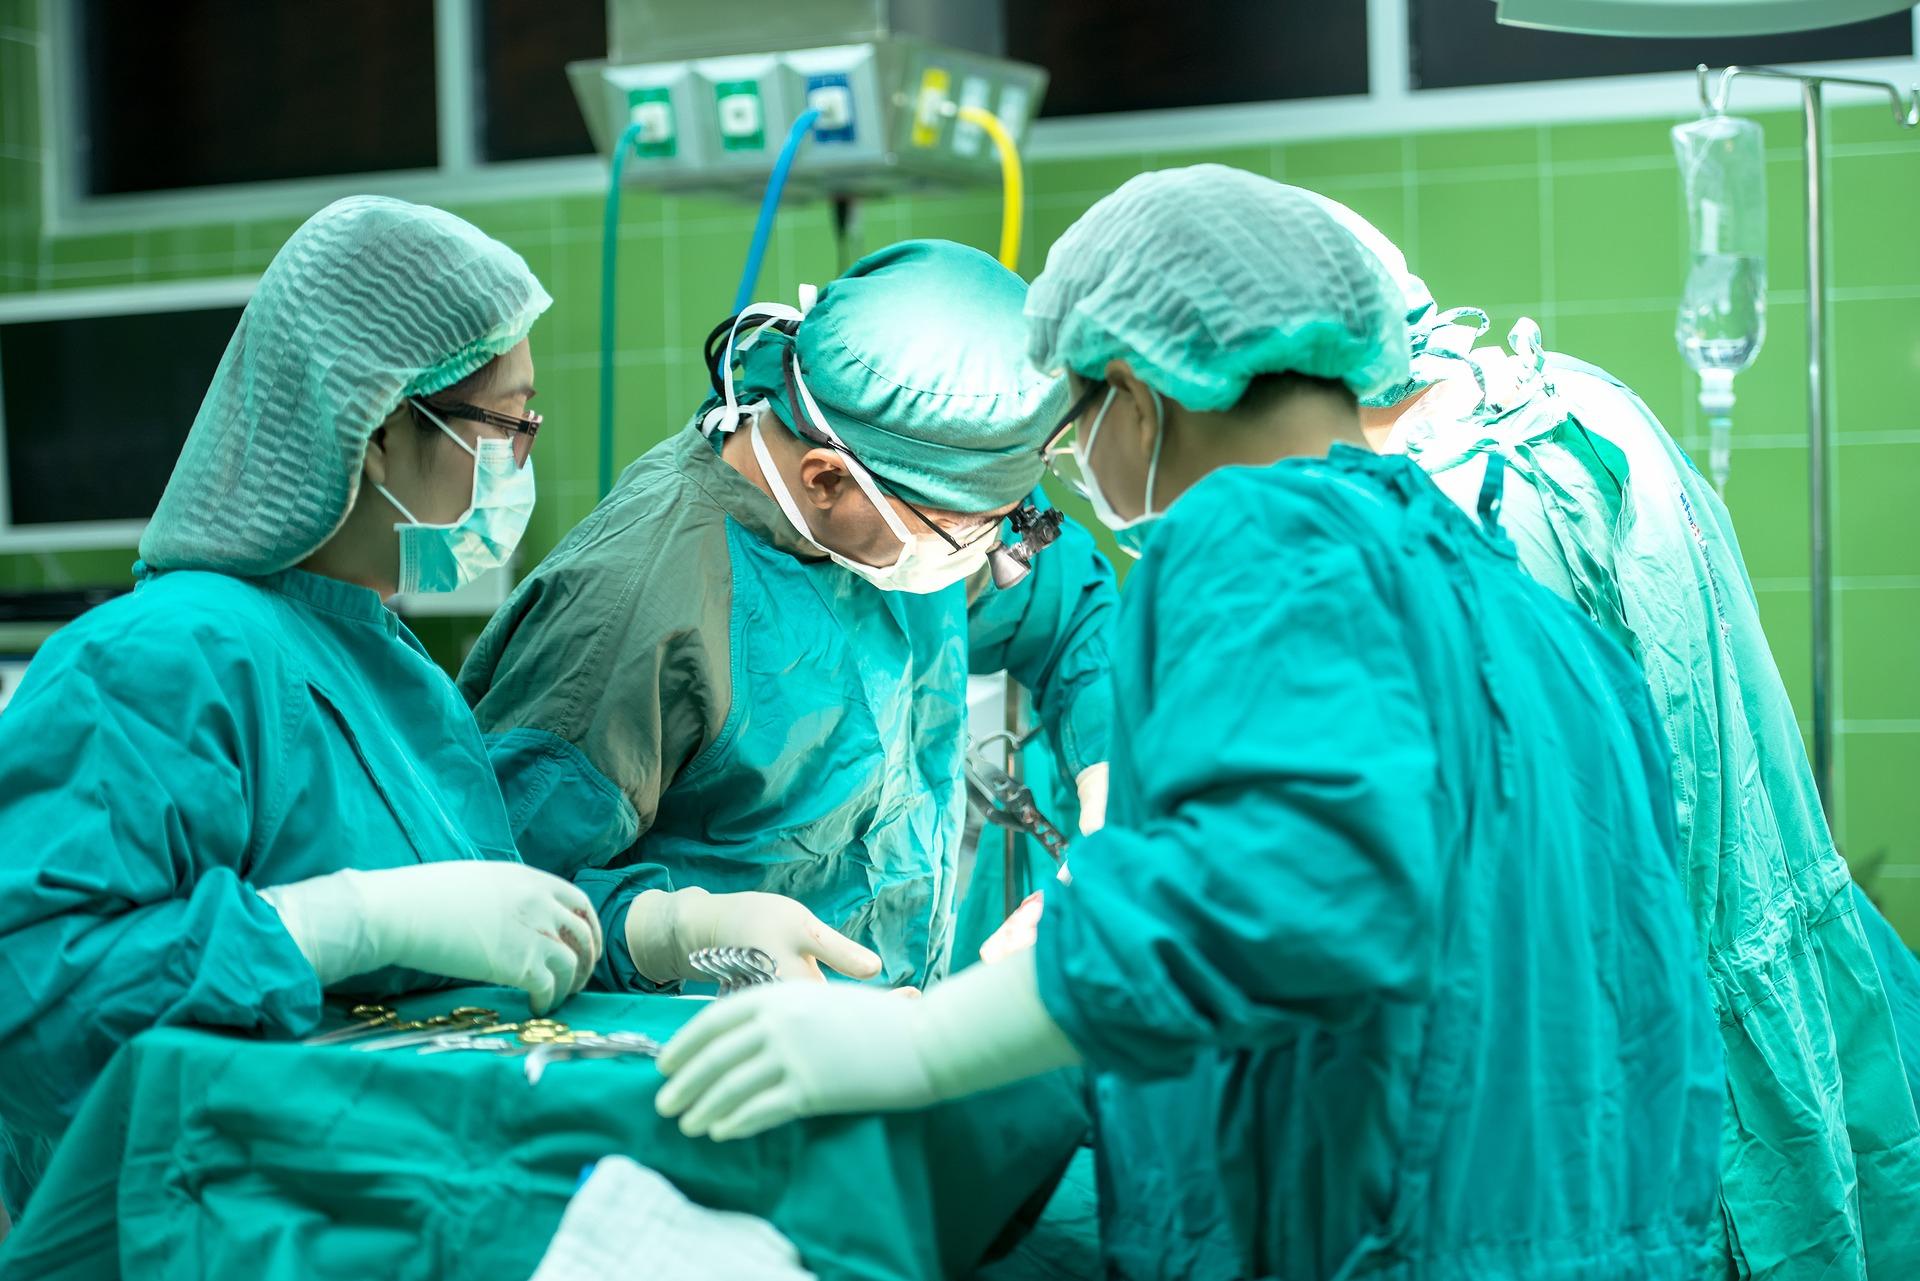 수술받은 환자 잇달아 사망…파주 정형외과에서 무슨 일이